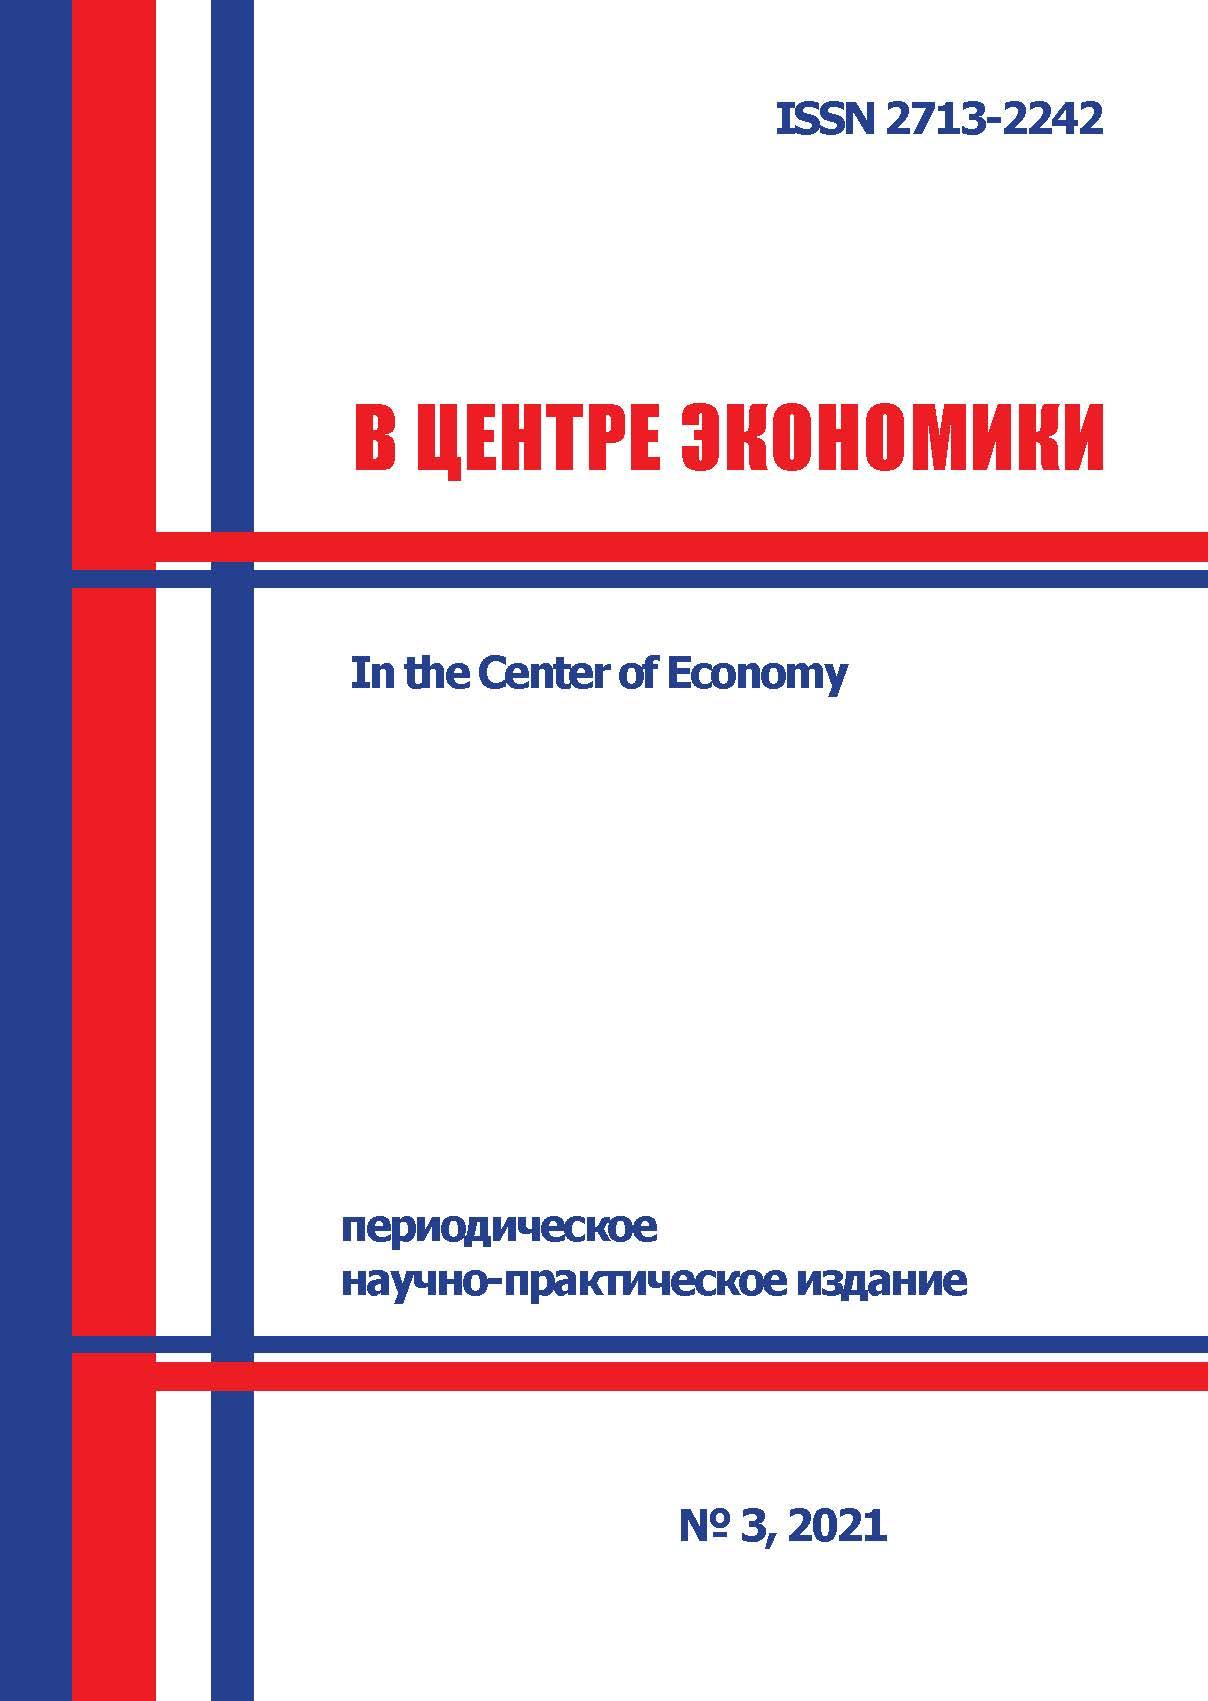 """Обложка журнала """"В центре экономики"""" №3, 2021"""